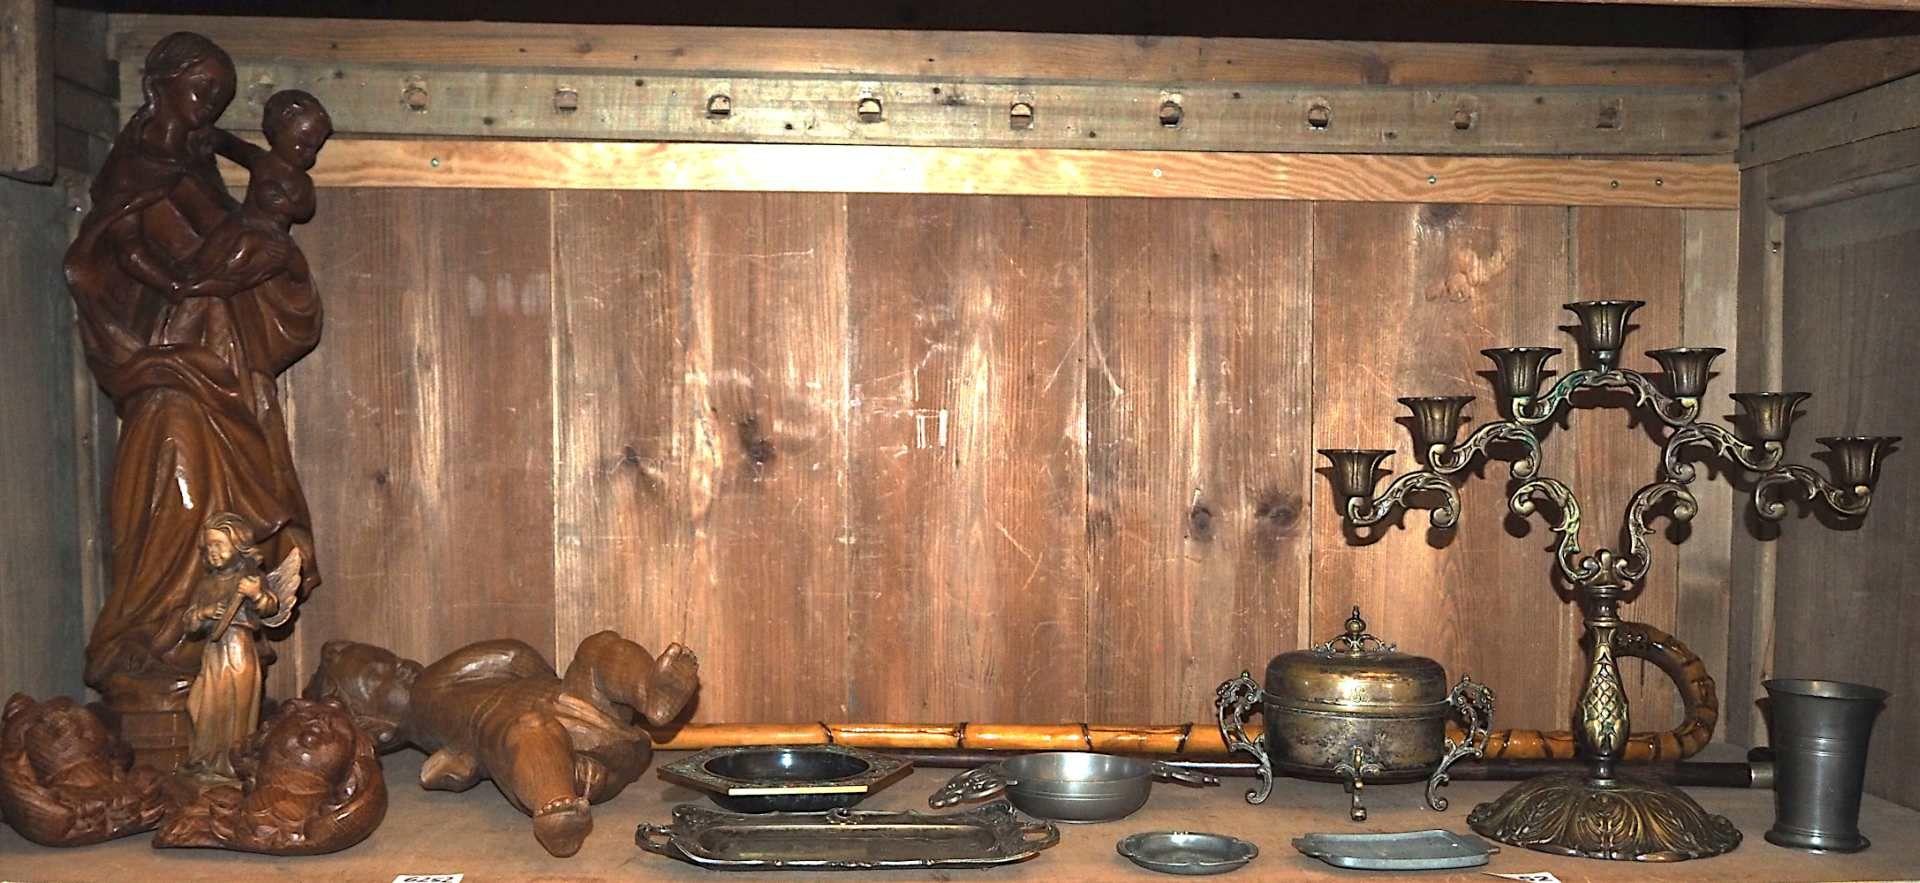 1 Konv. Dekorationsobjekte z.T. Anfang 20. Jh. Metall/Zinn: Kerzenleuchter 7-flammig H - Bild 2 aus 2